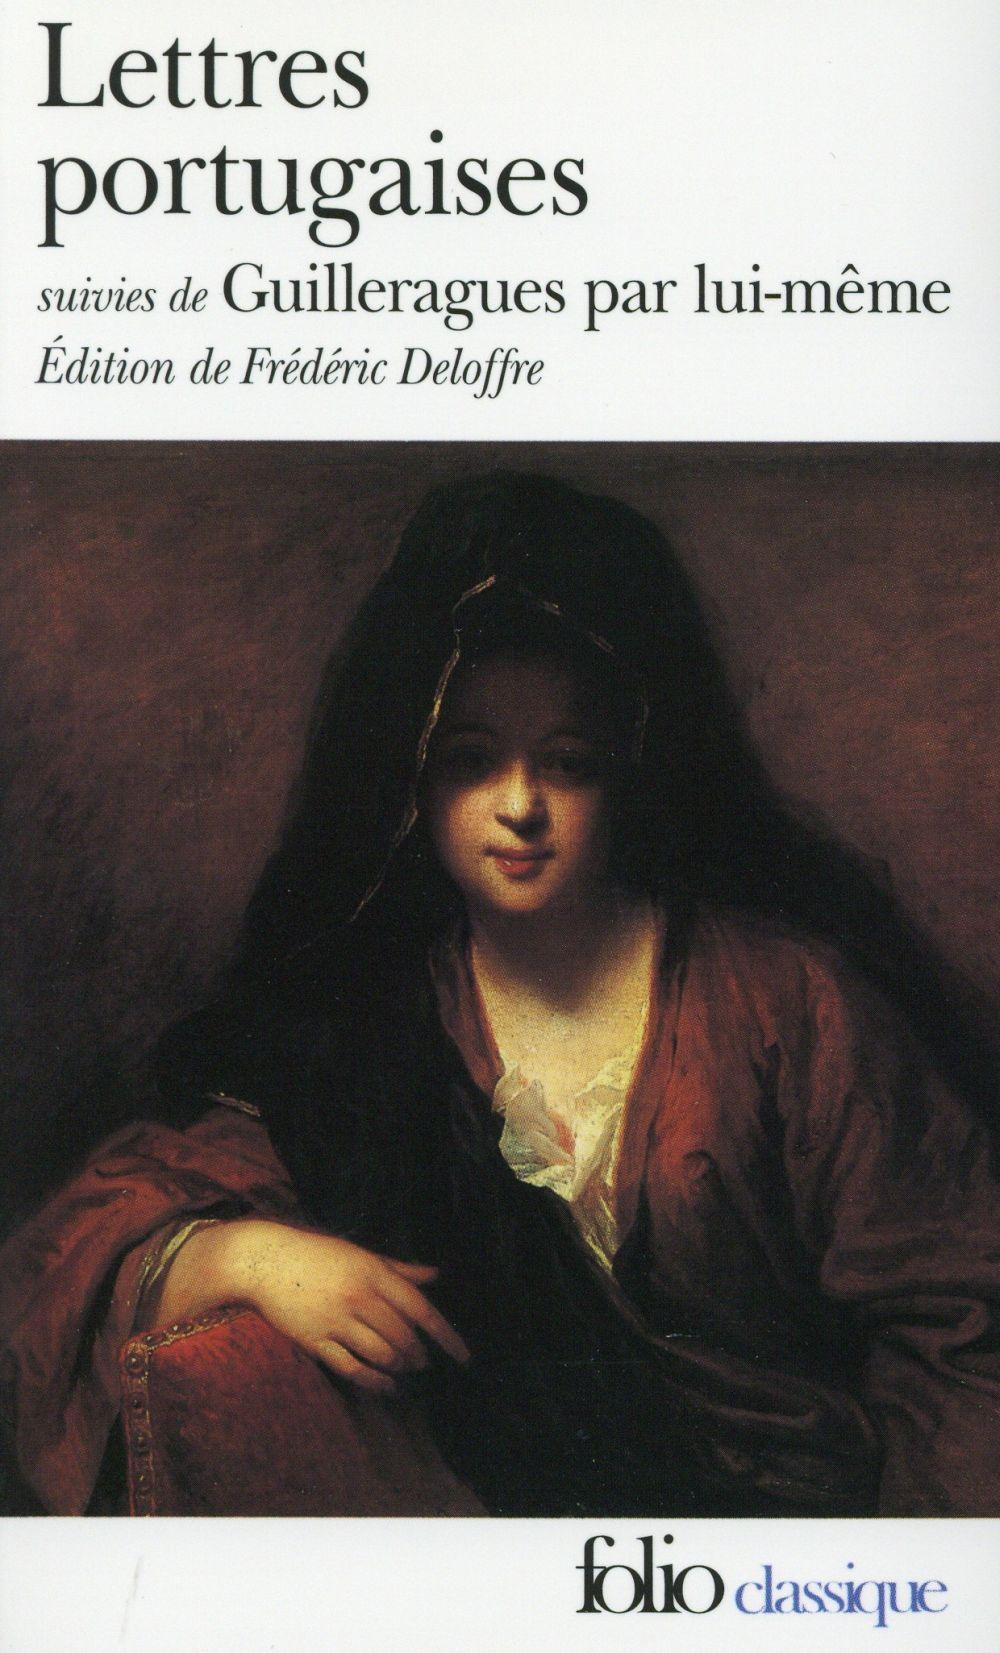 Lettres portugaises ; Guilleragues par lui-même